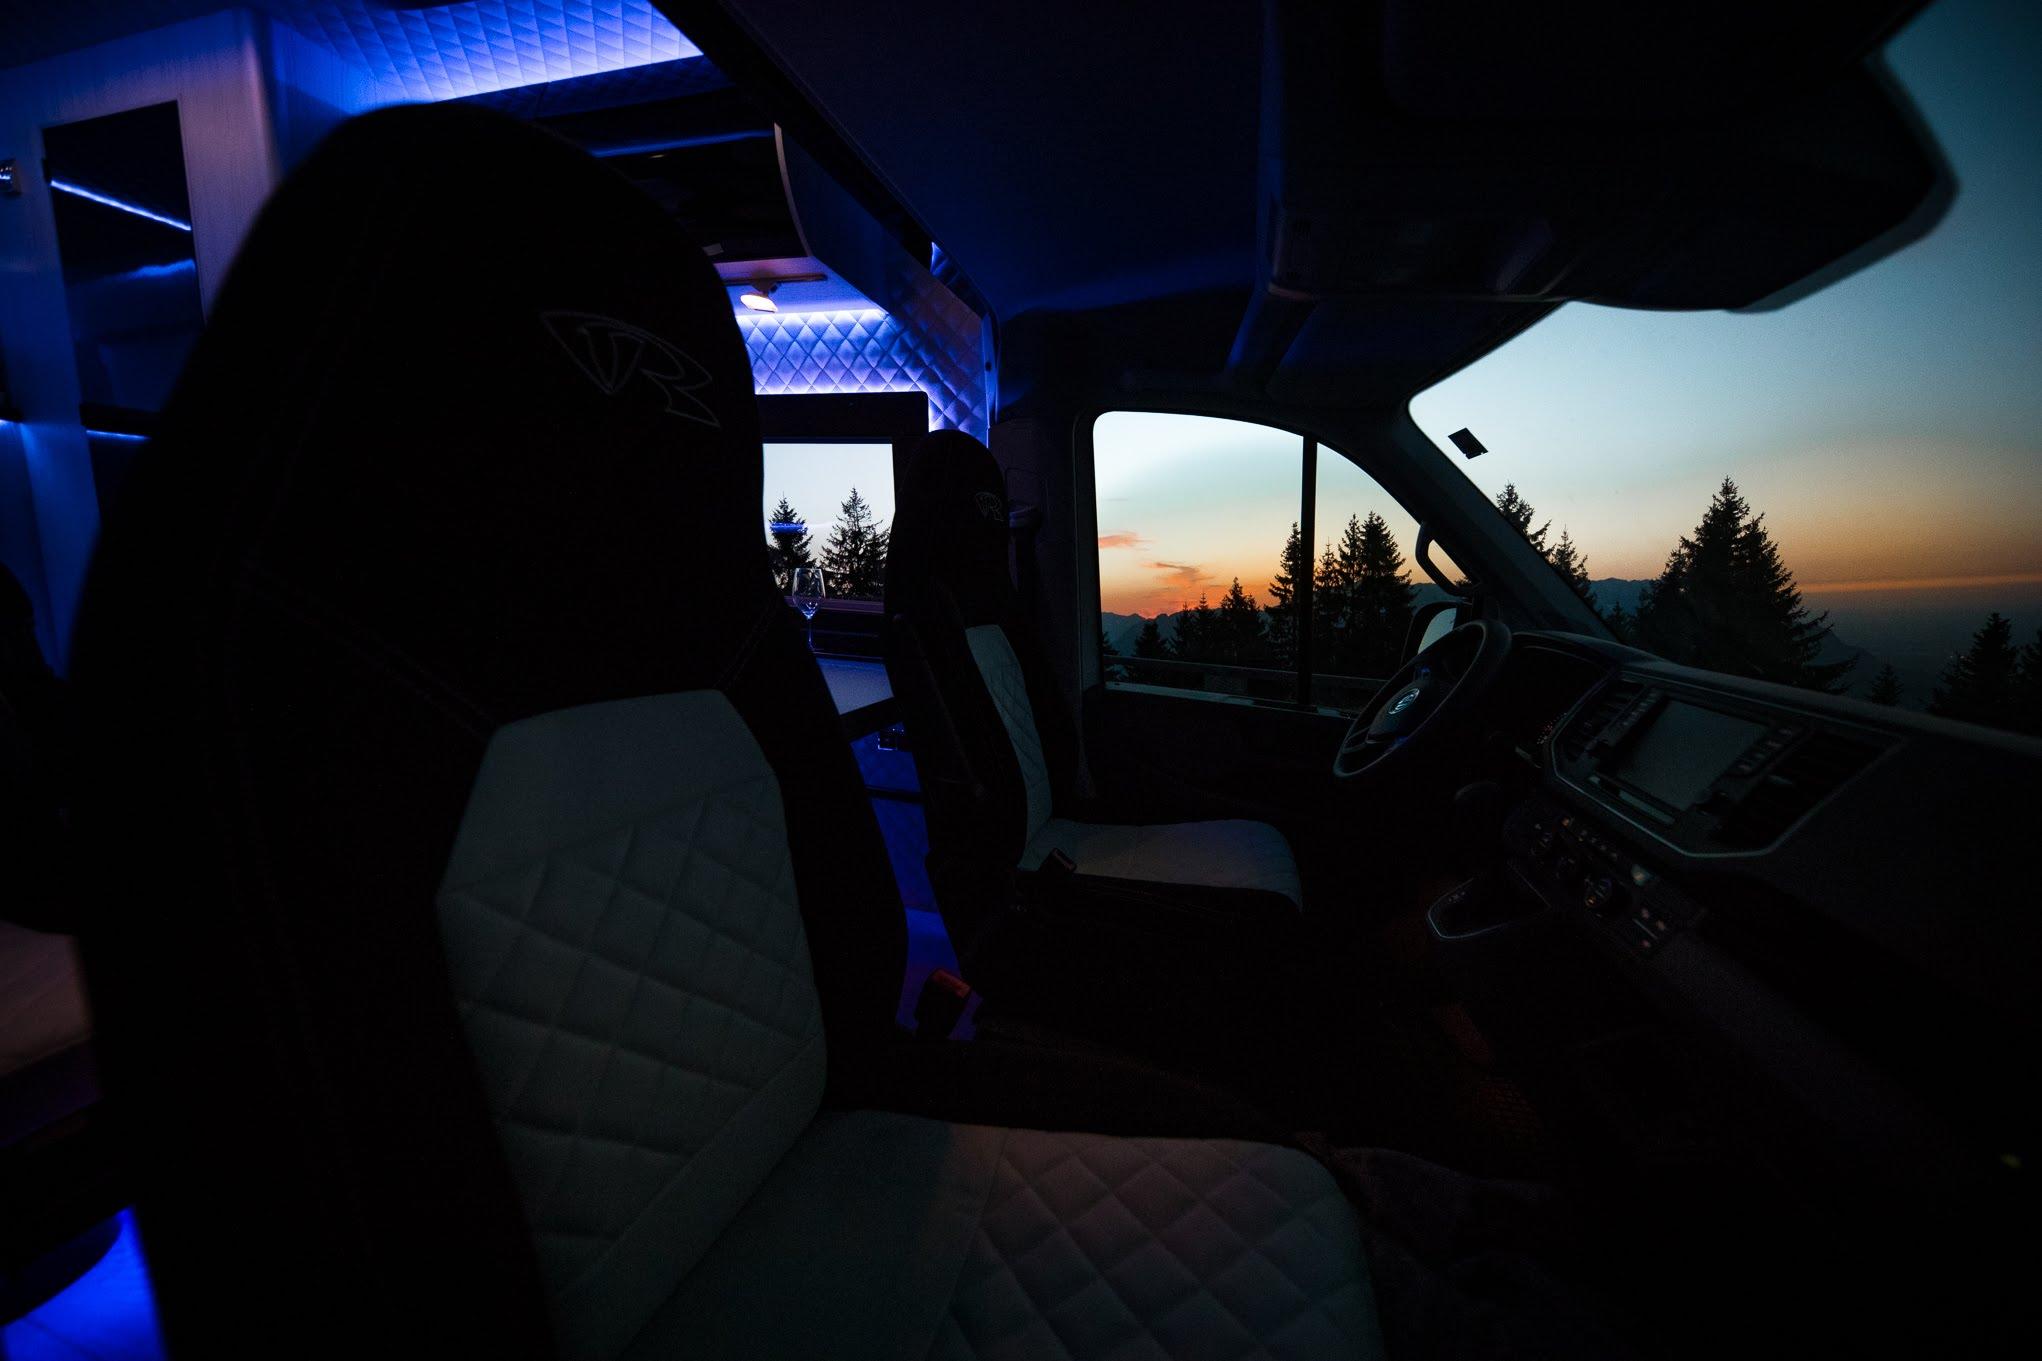 tv im camper fernseh im kastenwagen wohnmobil alphatronics smarthome vr motorhomes